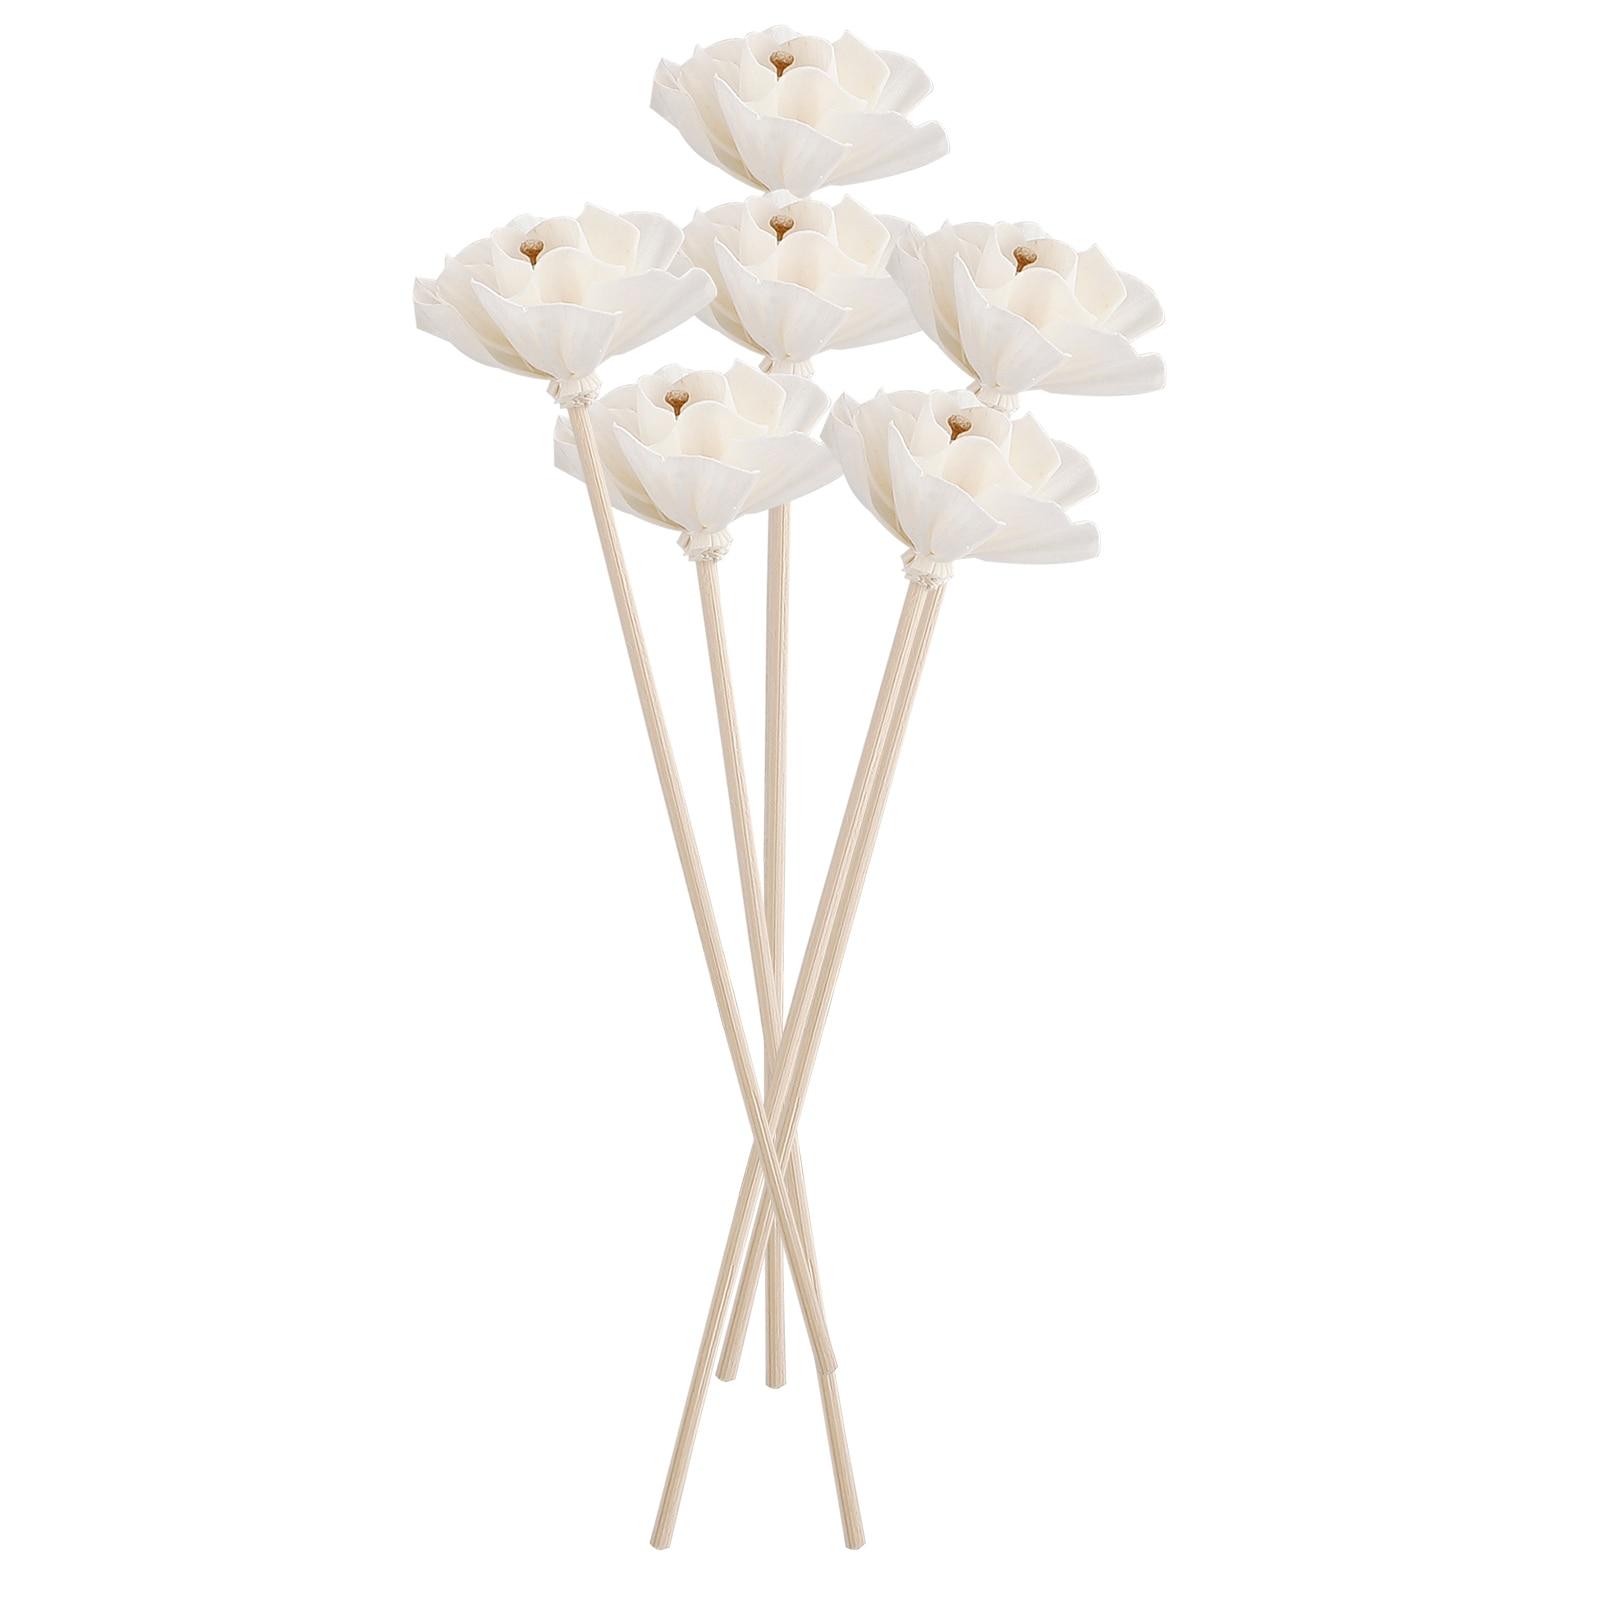 Ароматерапия ротанговый сушеный цветок Сделай Сам 6 шт. декор для спа спальни комнаты вечевечерние ванной дома подарки деревянные стержни д...